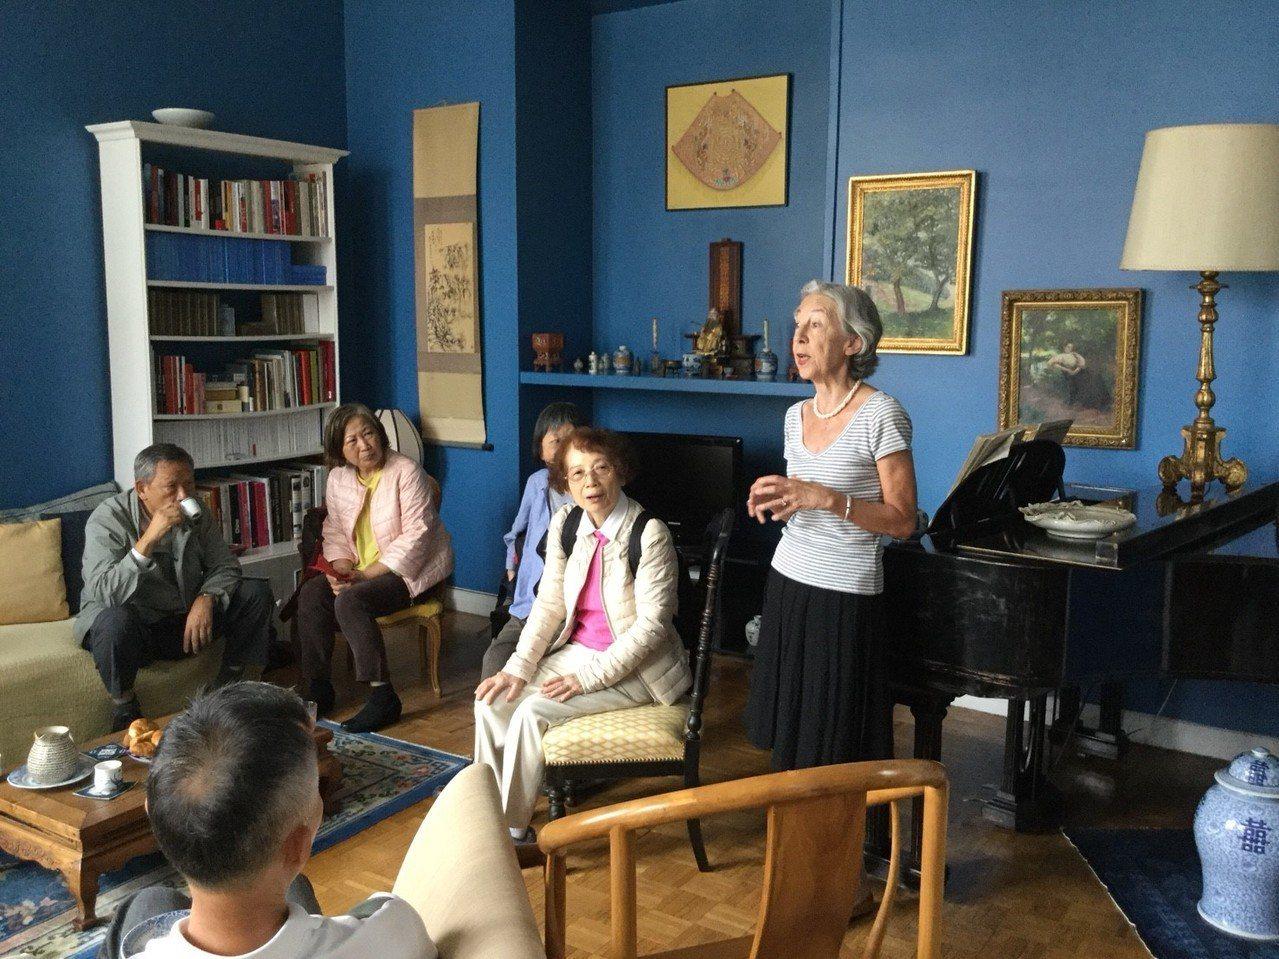 法國漢學家安博蘭在家中接待台灣來訪的旅人。有行旅提供